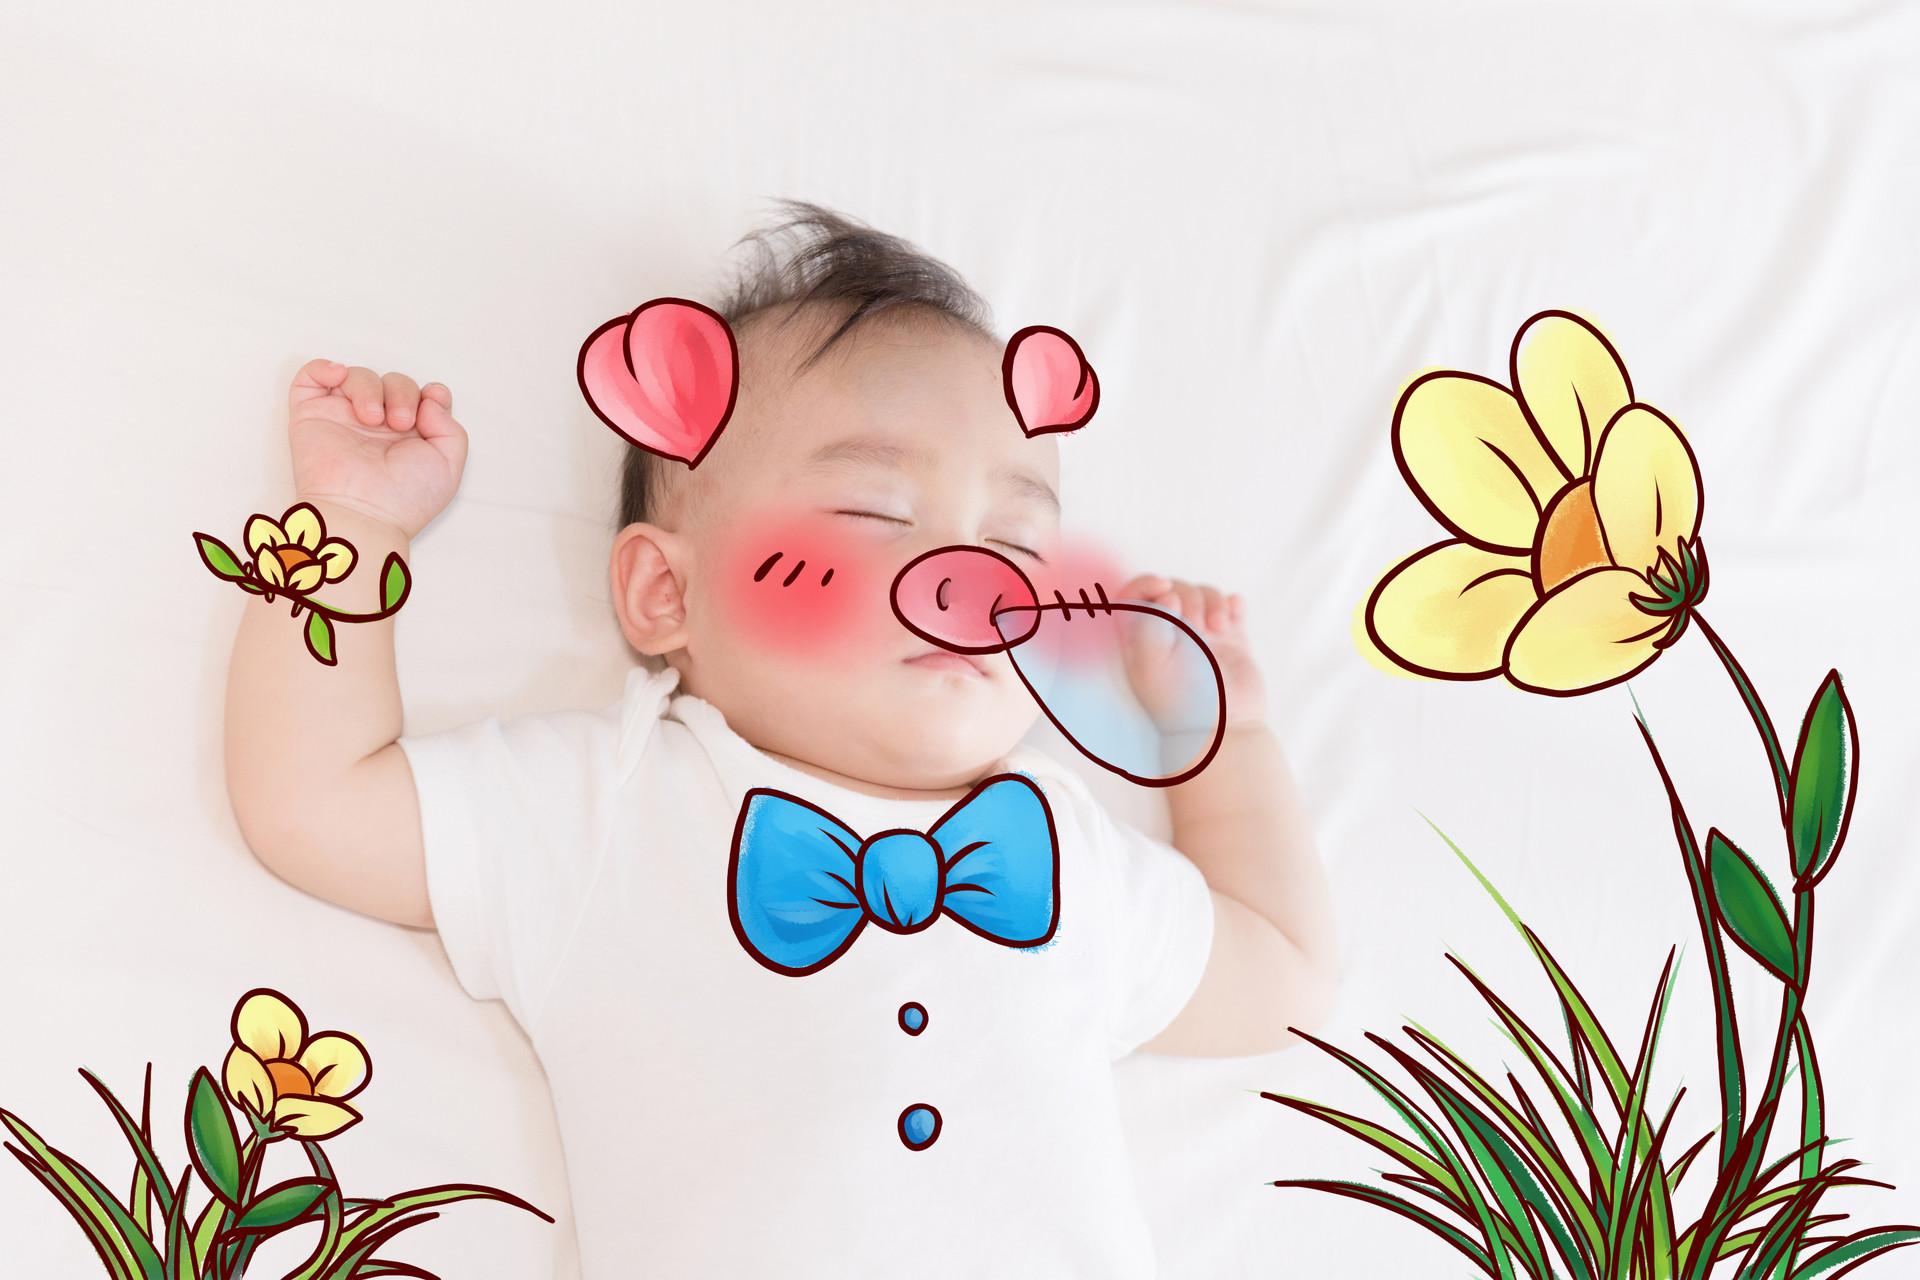 3个月宝宝发育指标,1~3个月孩子营养影响生长喂养要点